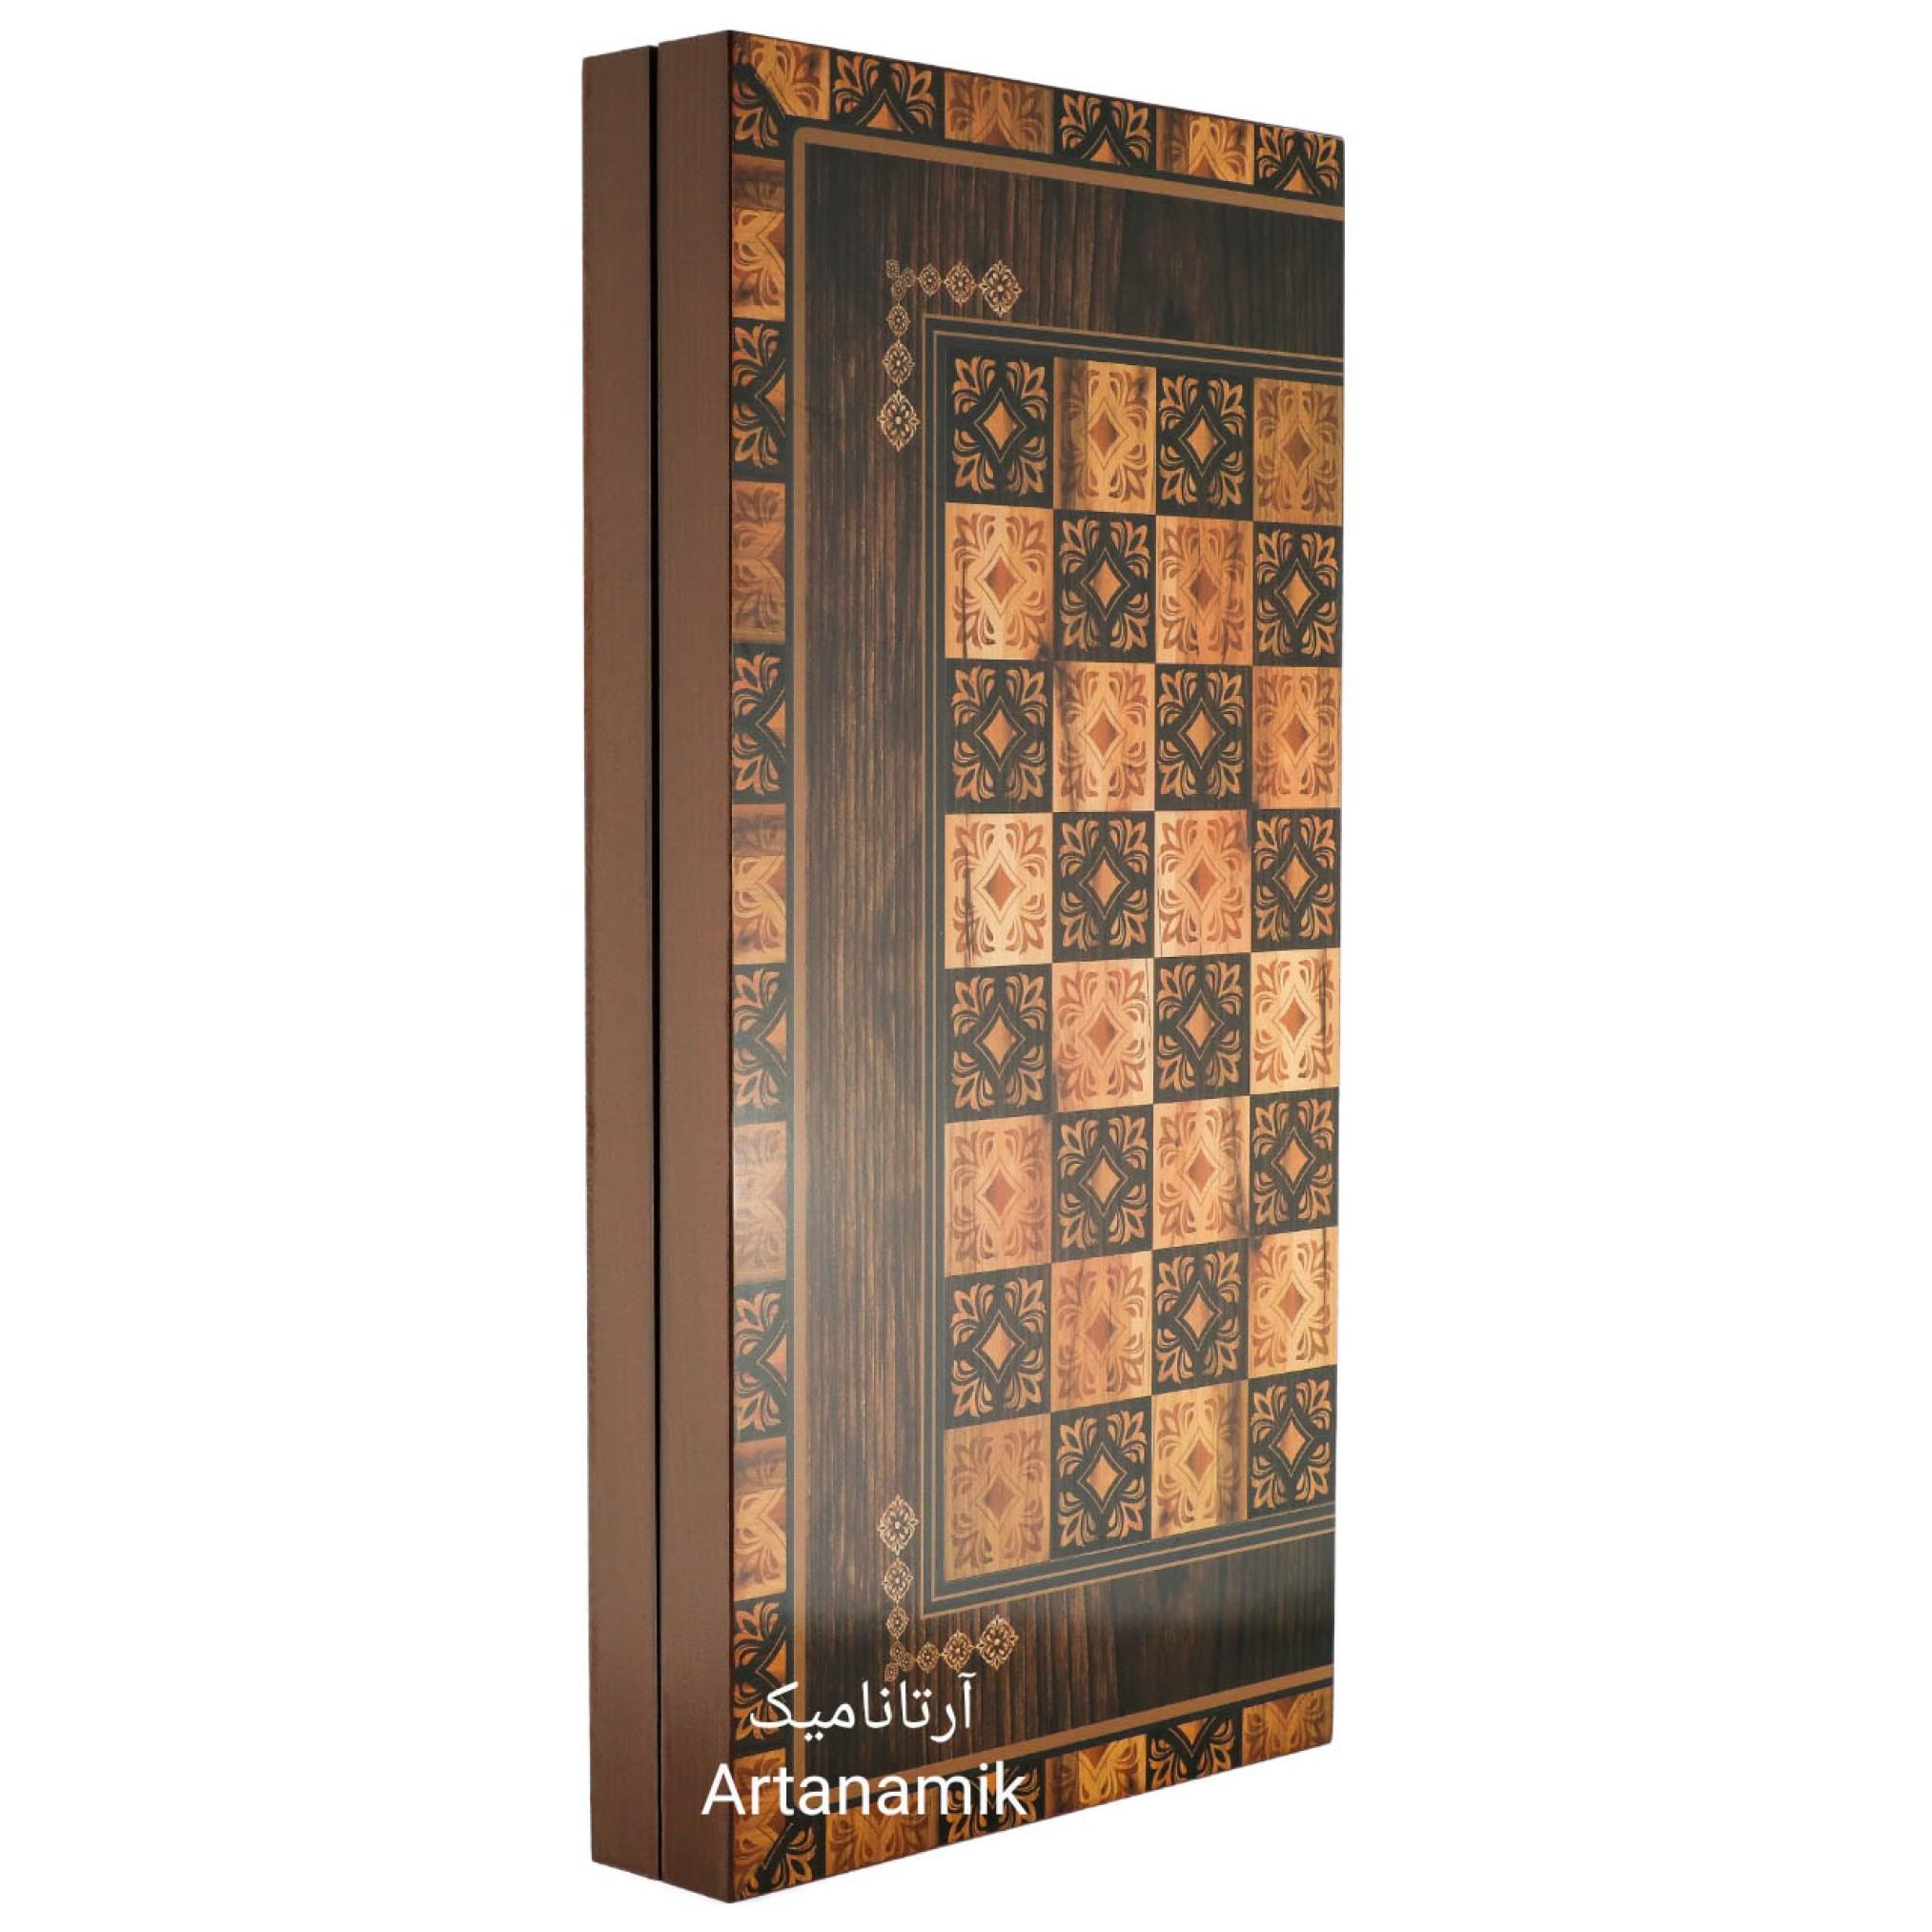 خرید تخته نرد و شطرنج طرح پارسی، تخته نرد کادویی و تخته نرد نفیس از جنس MDF